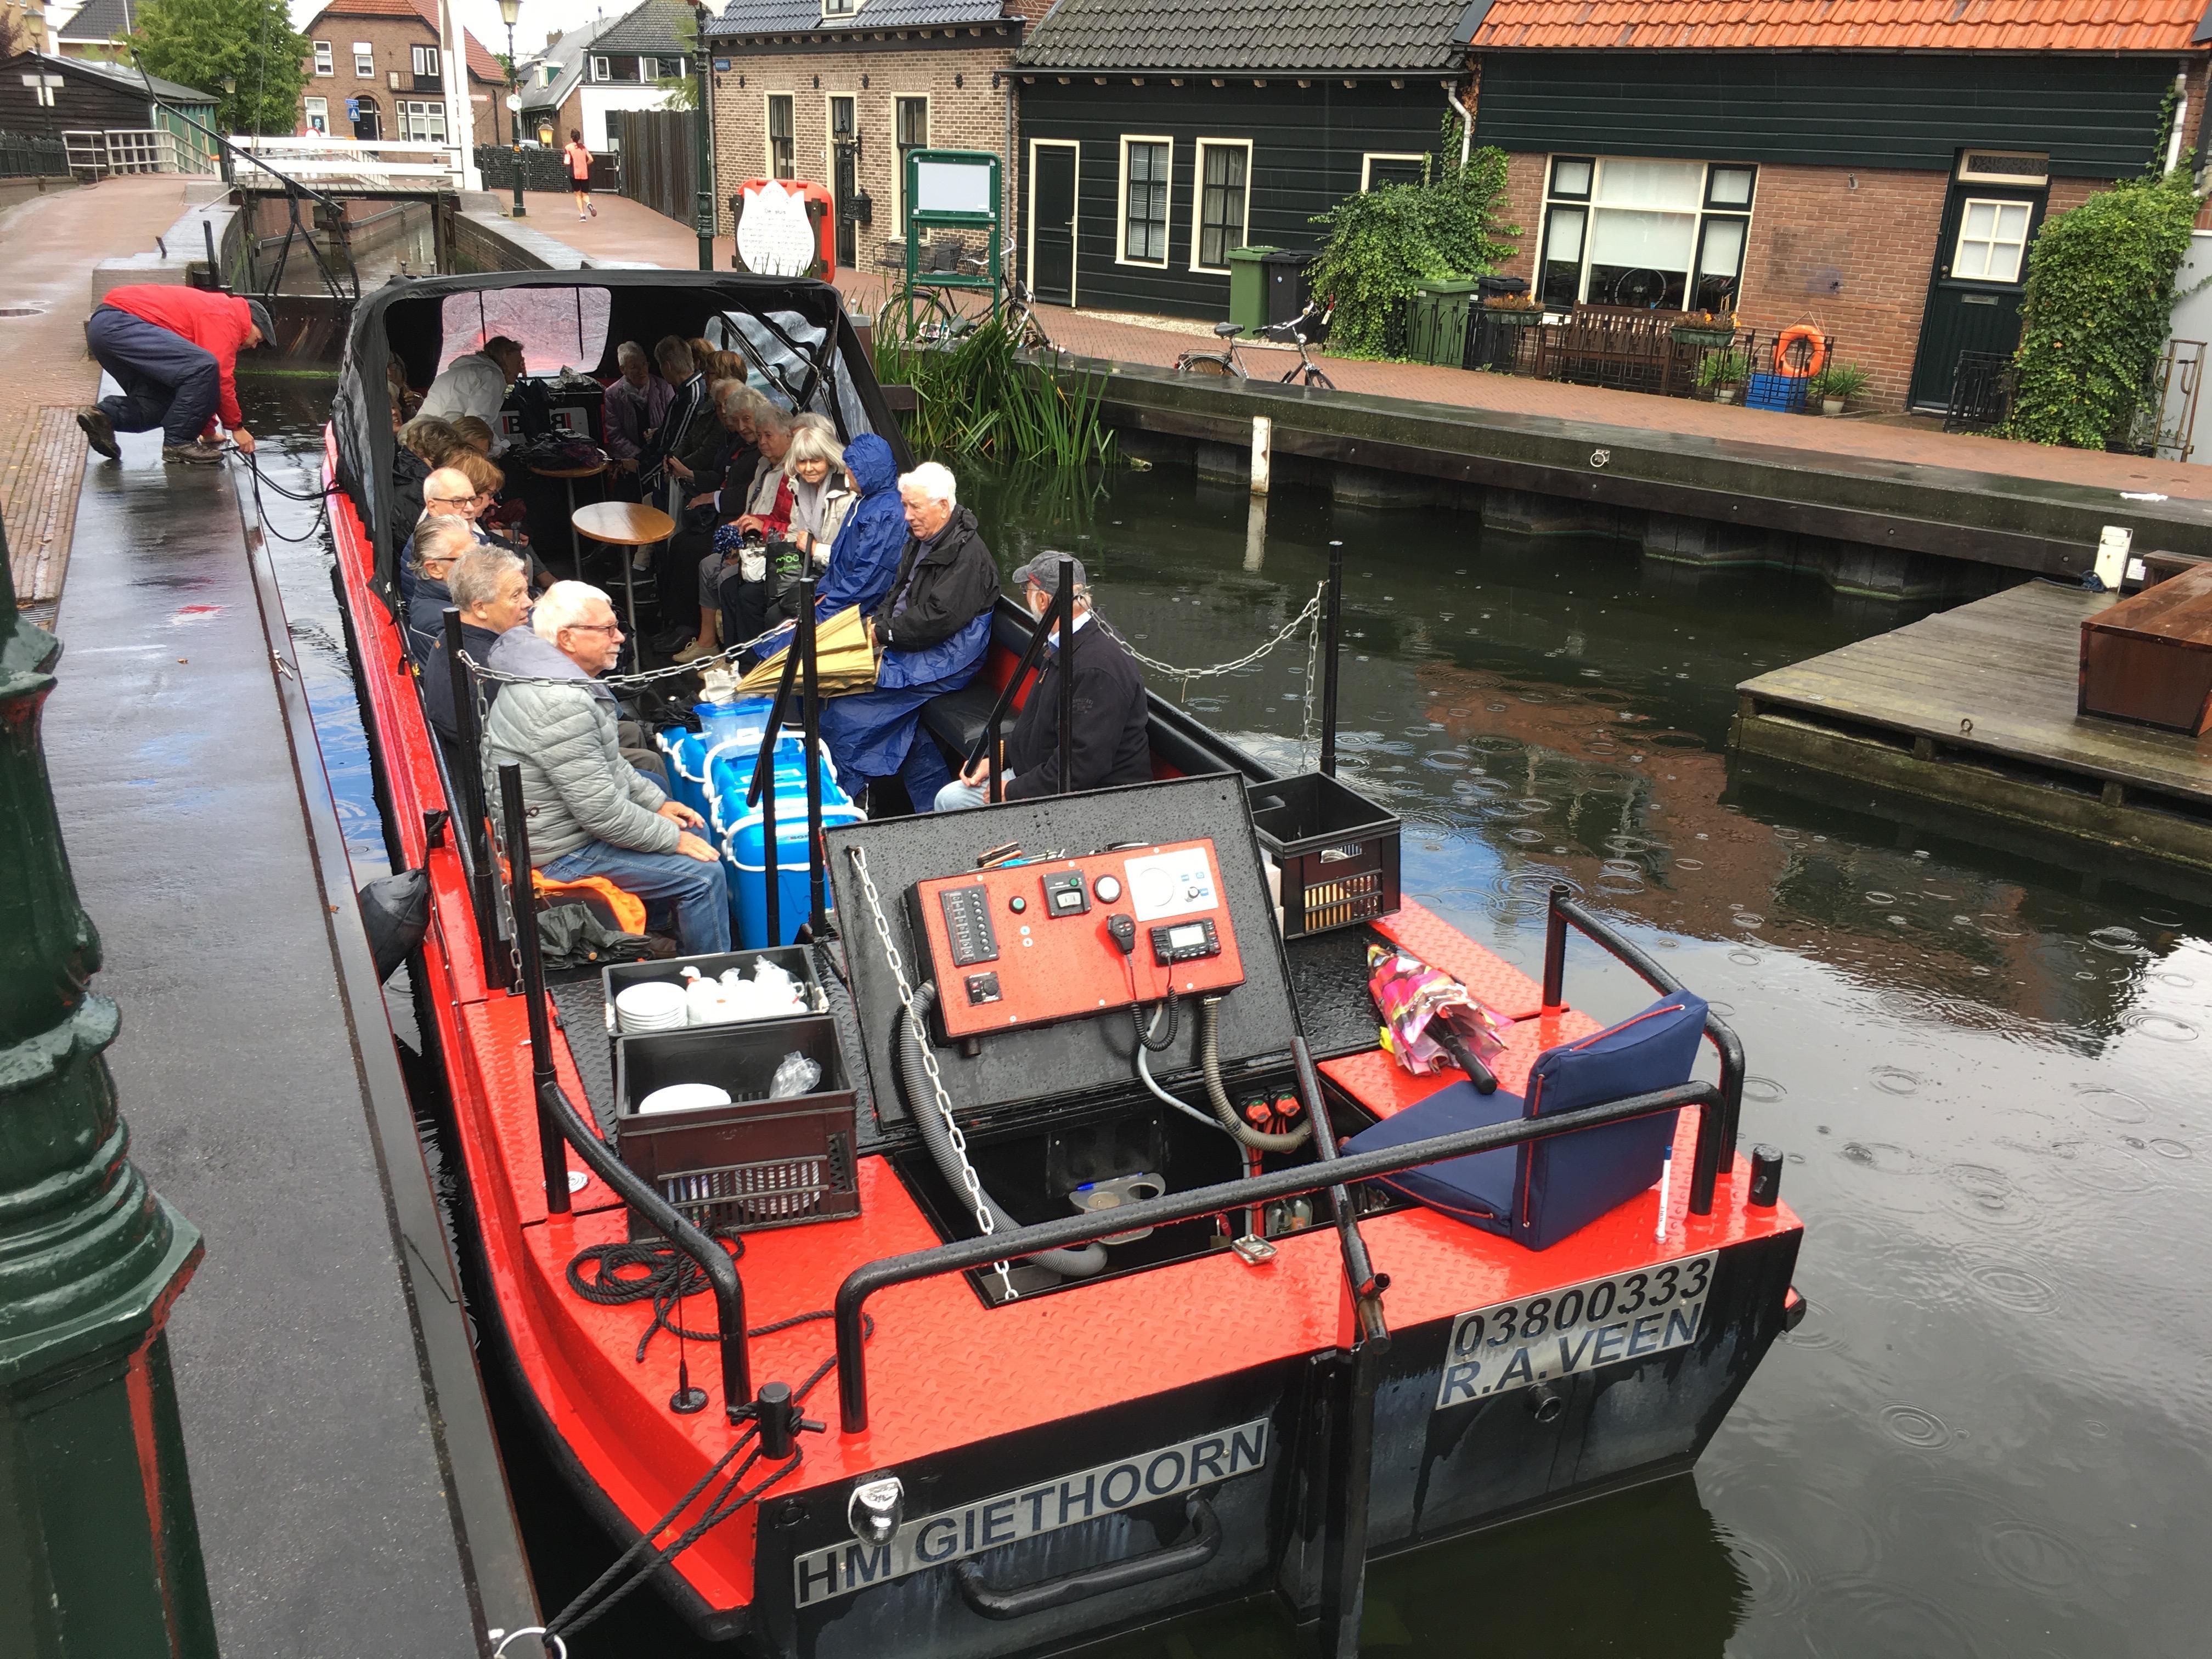 Afvaart met 'Bob on board'